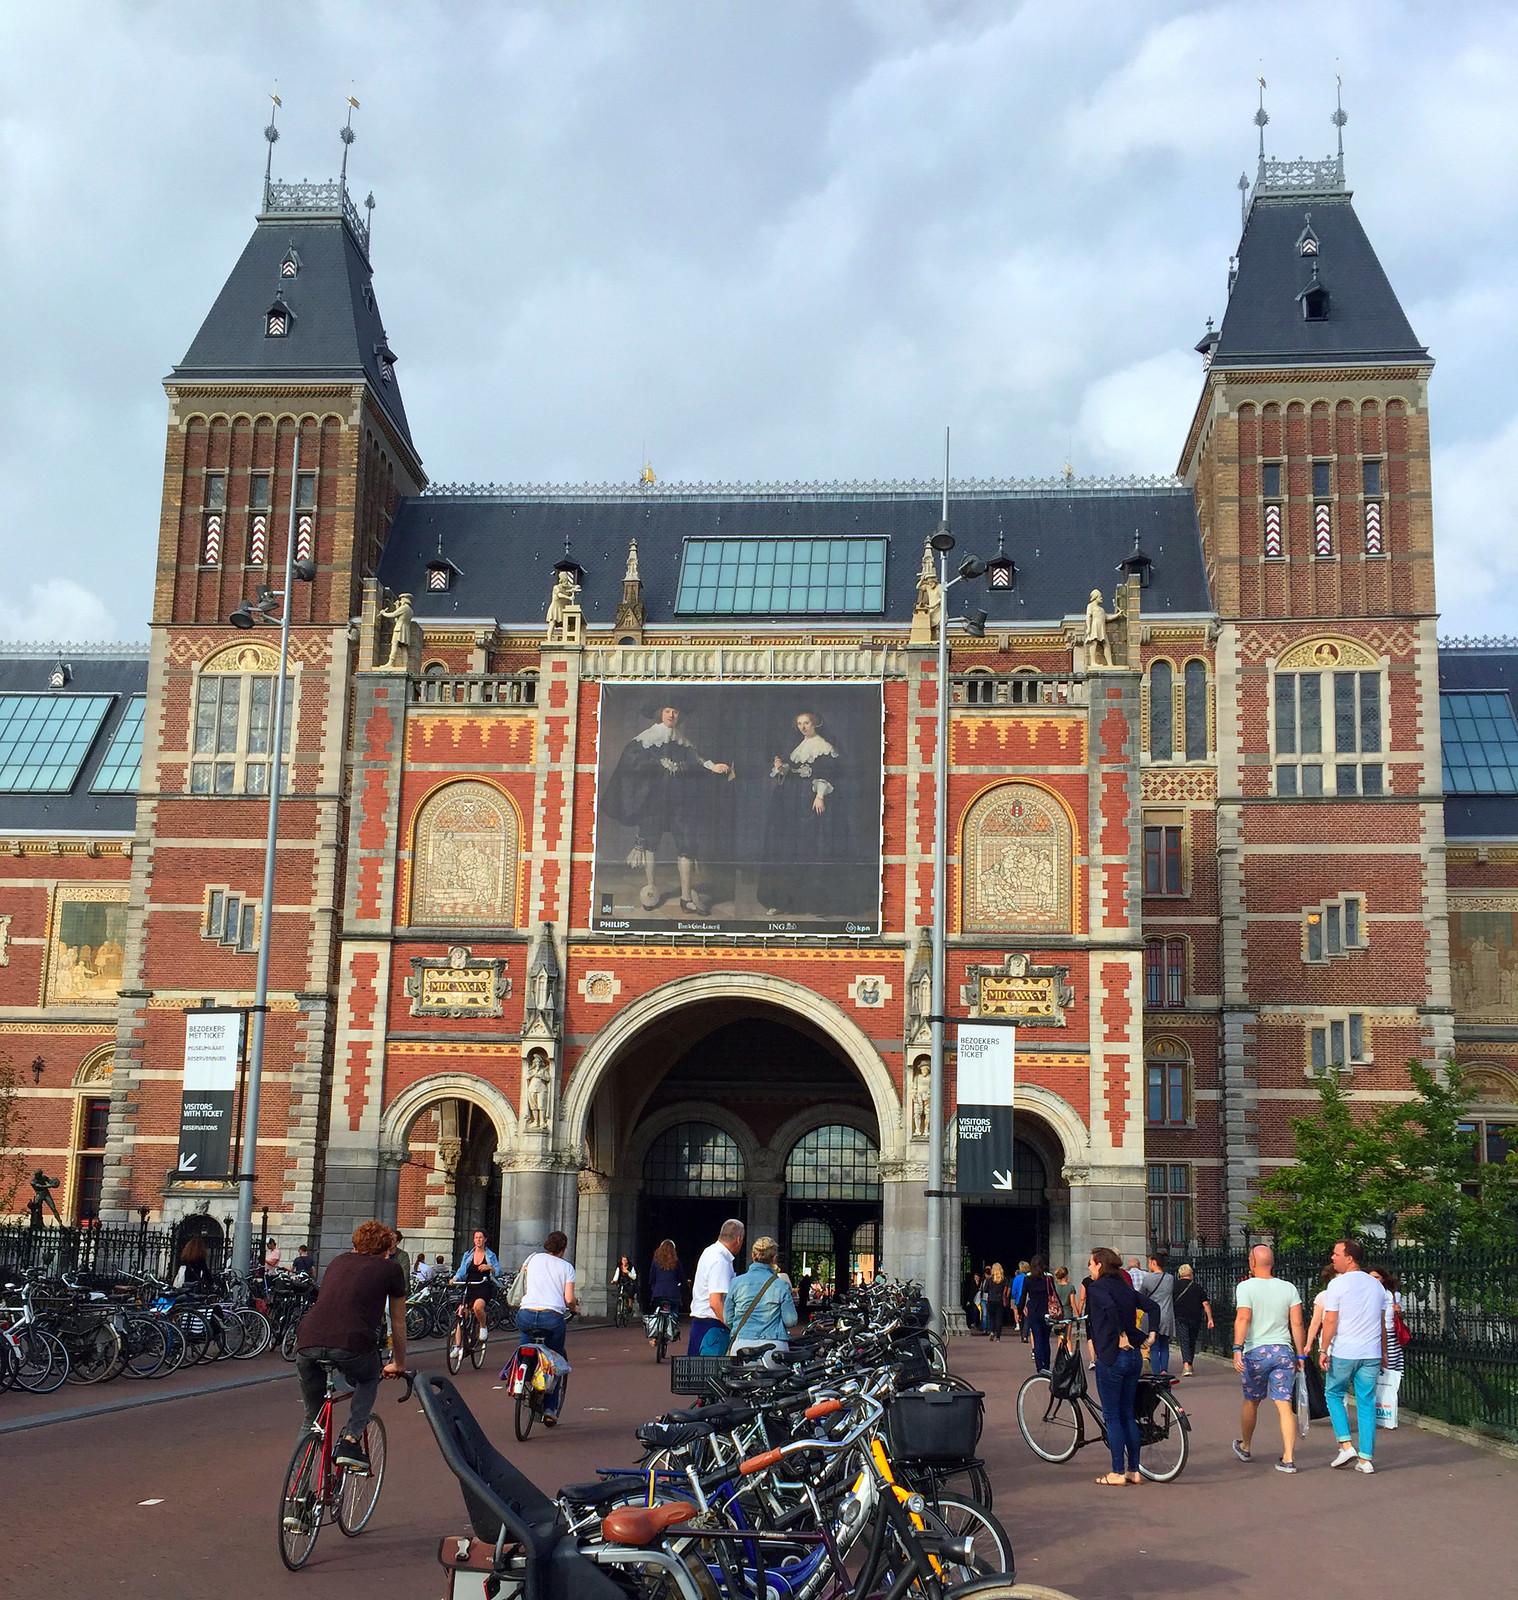 Qué ver en Amsterdam - Museo, Holanda qué ver en amsterdam - 33142832991 648faebd80 h - Qué ver en Amsterdam